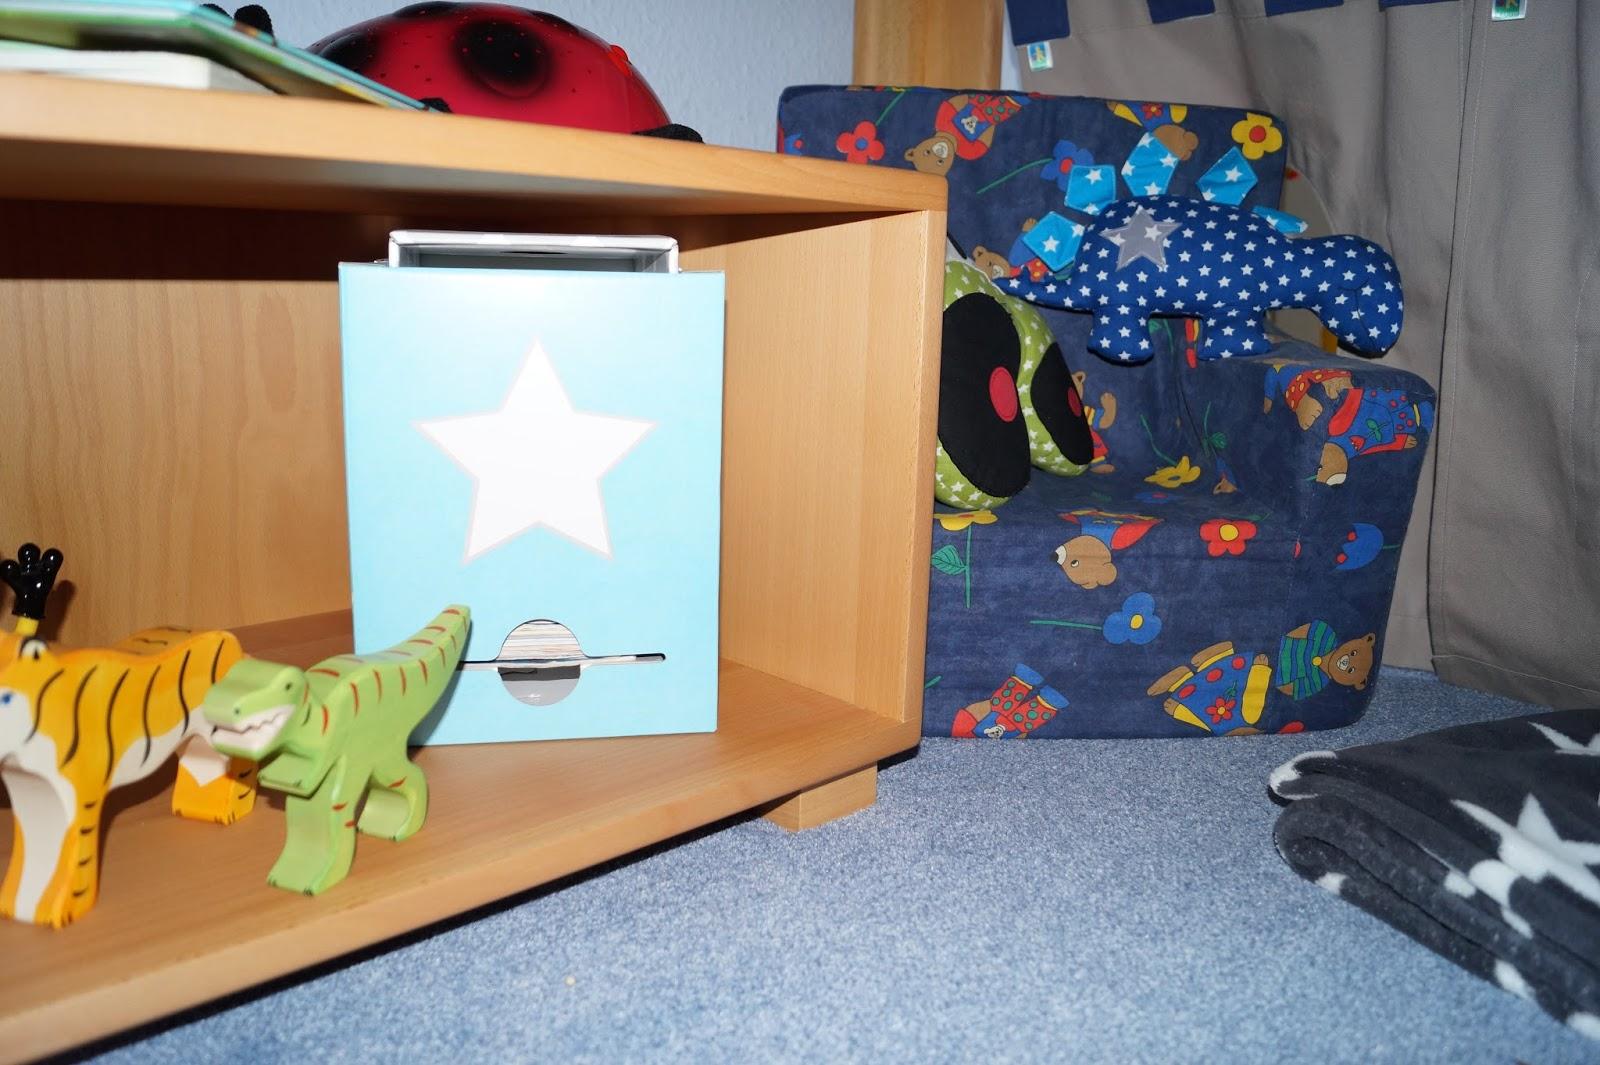 Wunderbar Kuschelhöhle Kinderzimmer Das Beste Von Das Vom Mini Chef: Die Kuschelhöhle